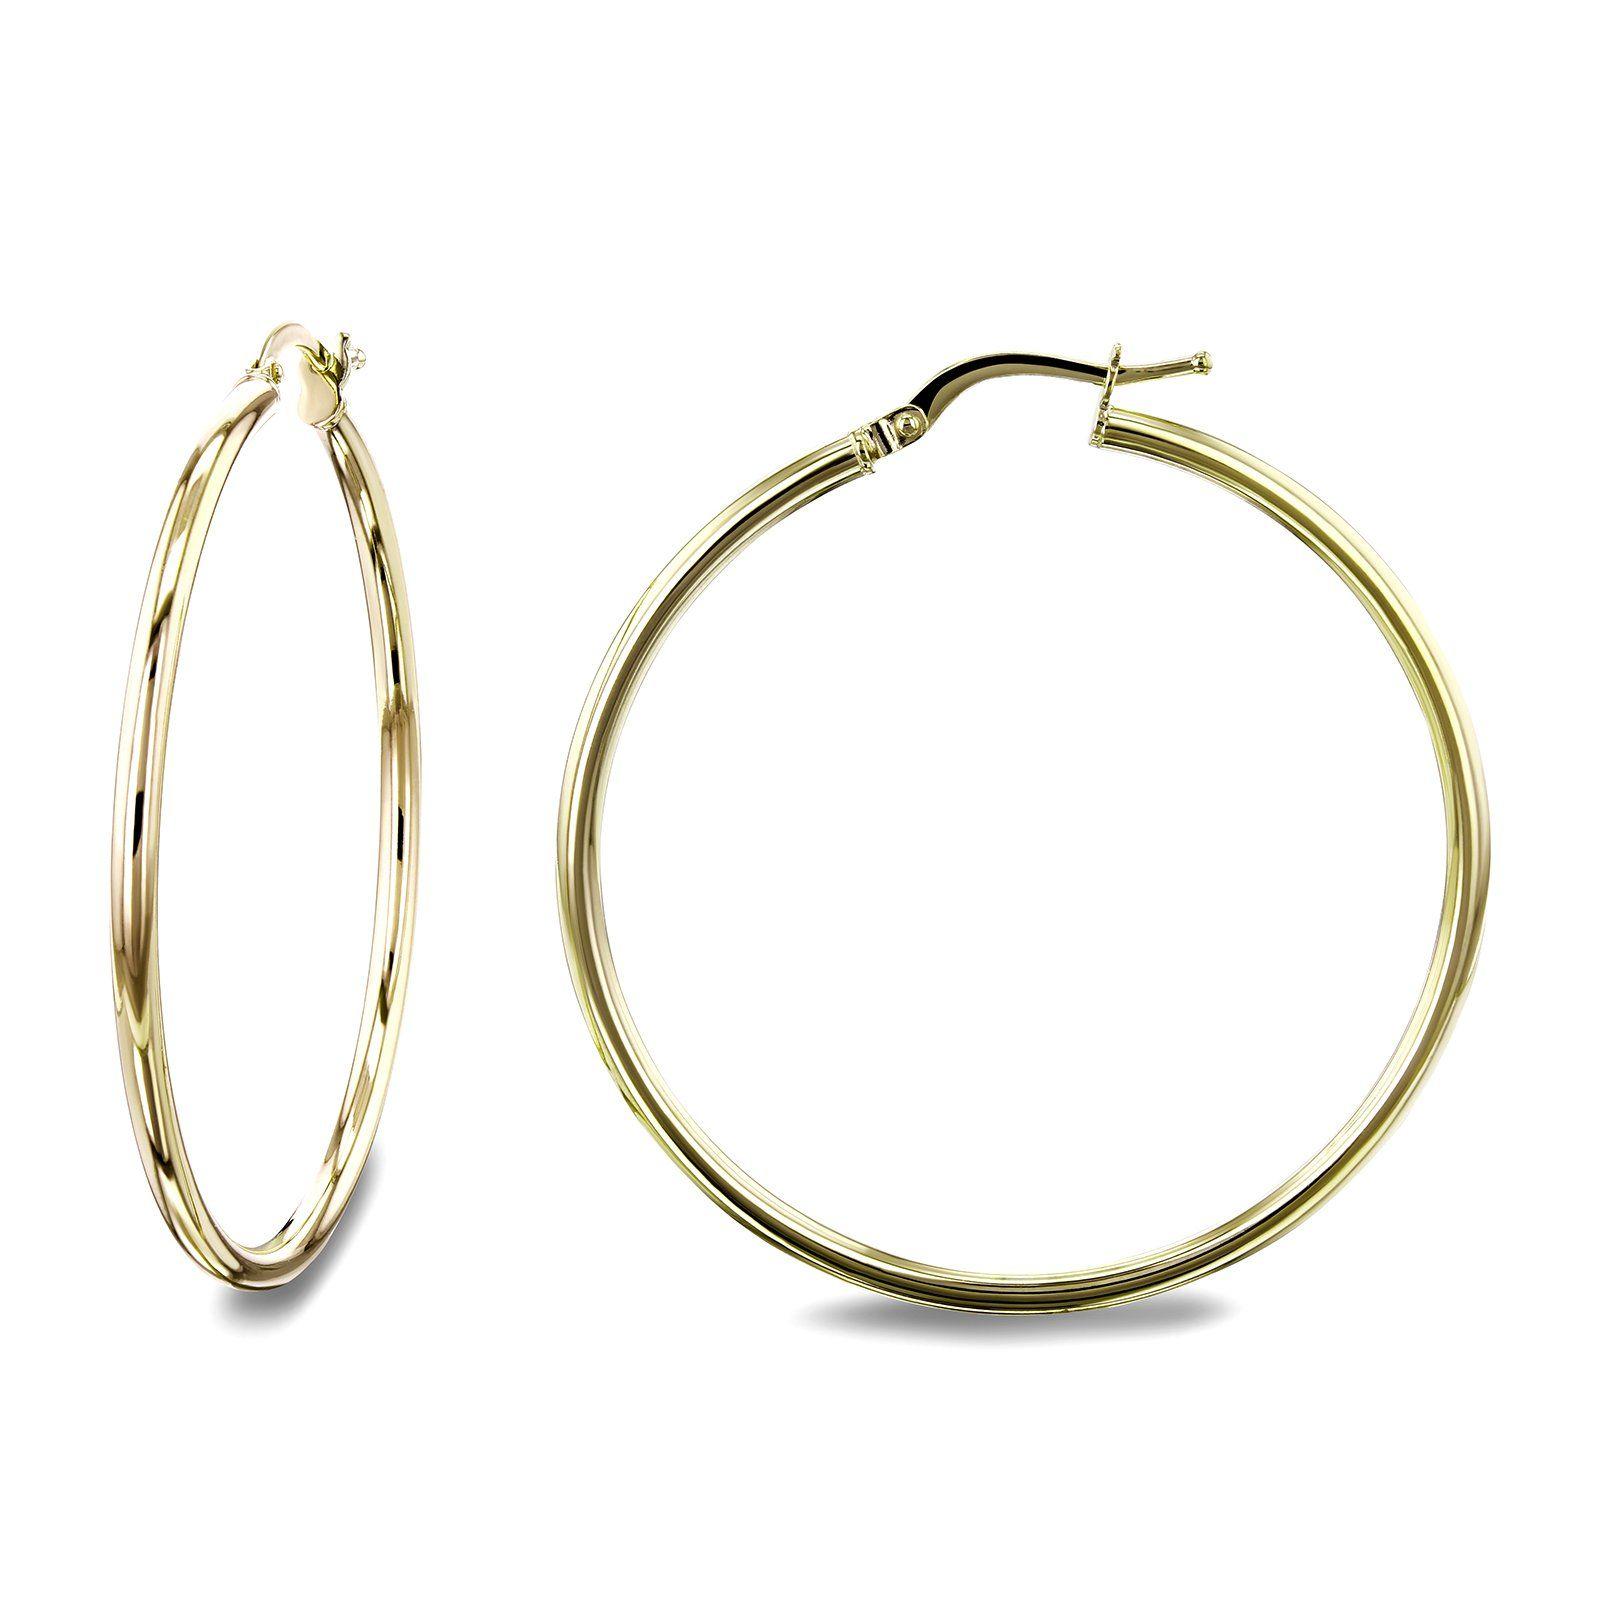 7d90fb4b58ef 14k Gold Hinged Hoop Earrings (35mm x 2mm) in 2019